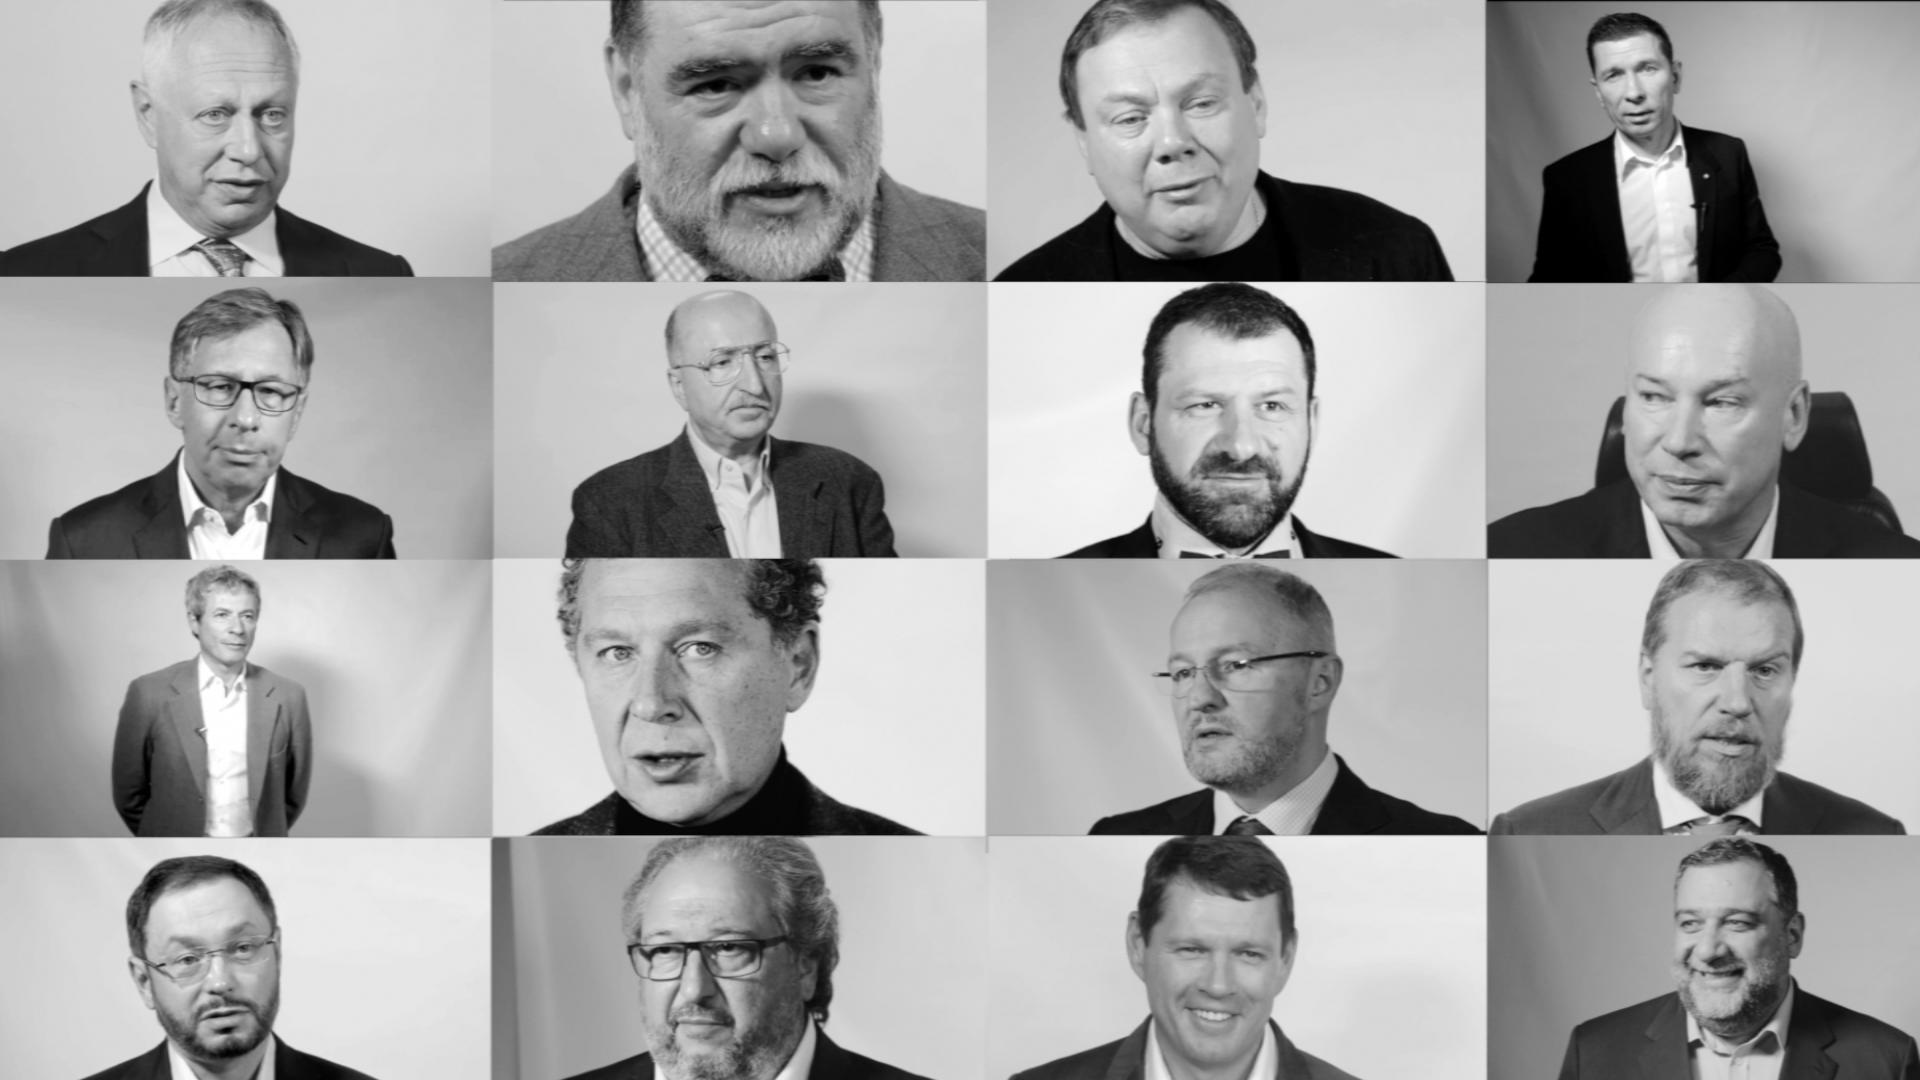 Журнал об успехе и для успешных людей. 15 миллиардеров поздравили Forbes со 100-летием